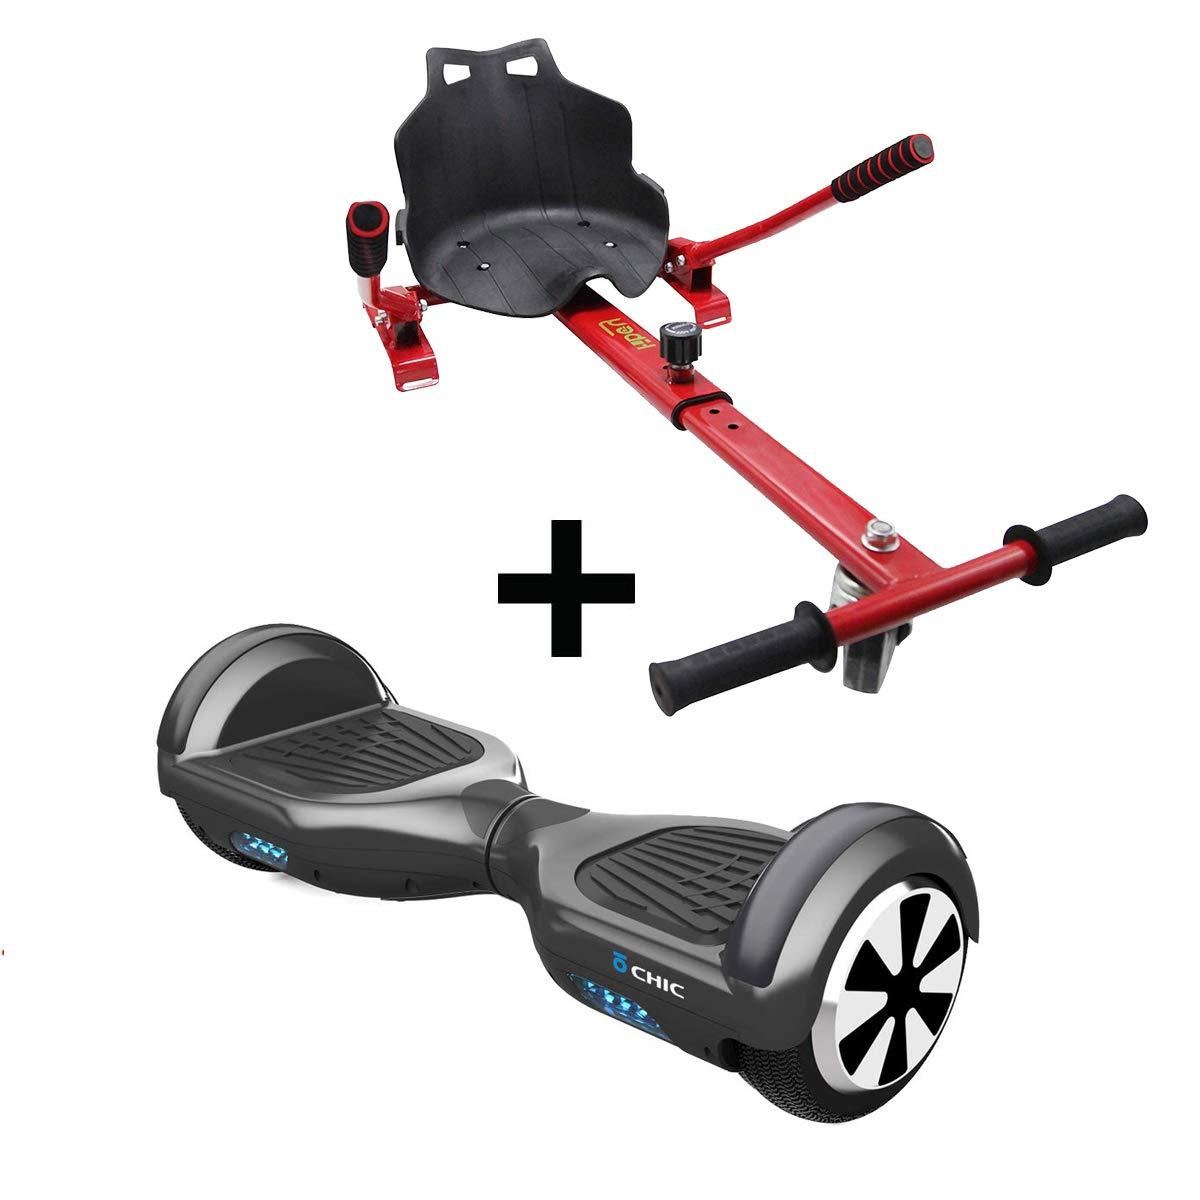 Hiboy-Asiento Kart para Patinete Eléctrico, Silla Self Balancing Compatible con Todos los Patinetes Eléctricos de 6.5, 8 y 10 Pulgadas